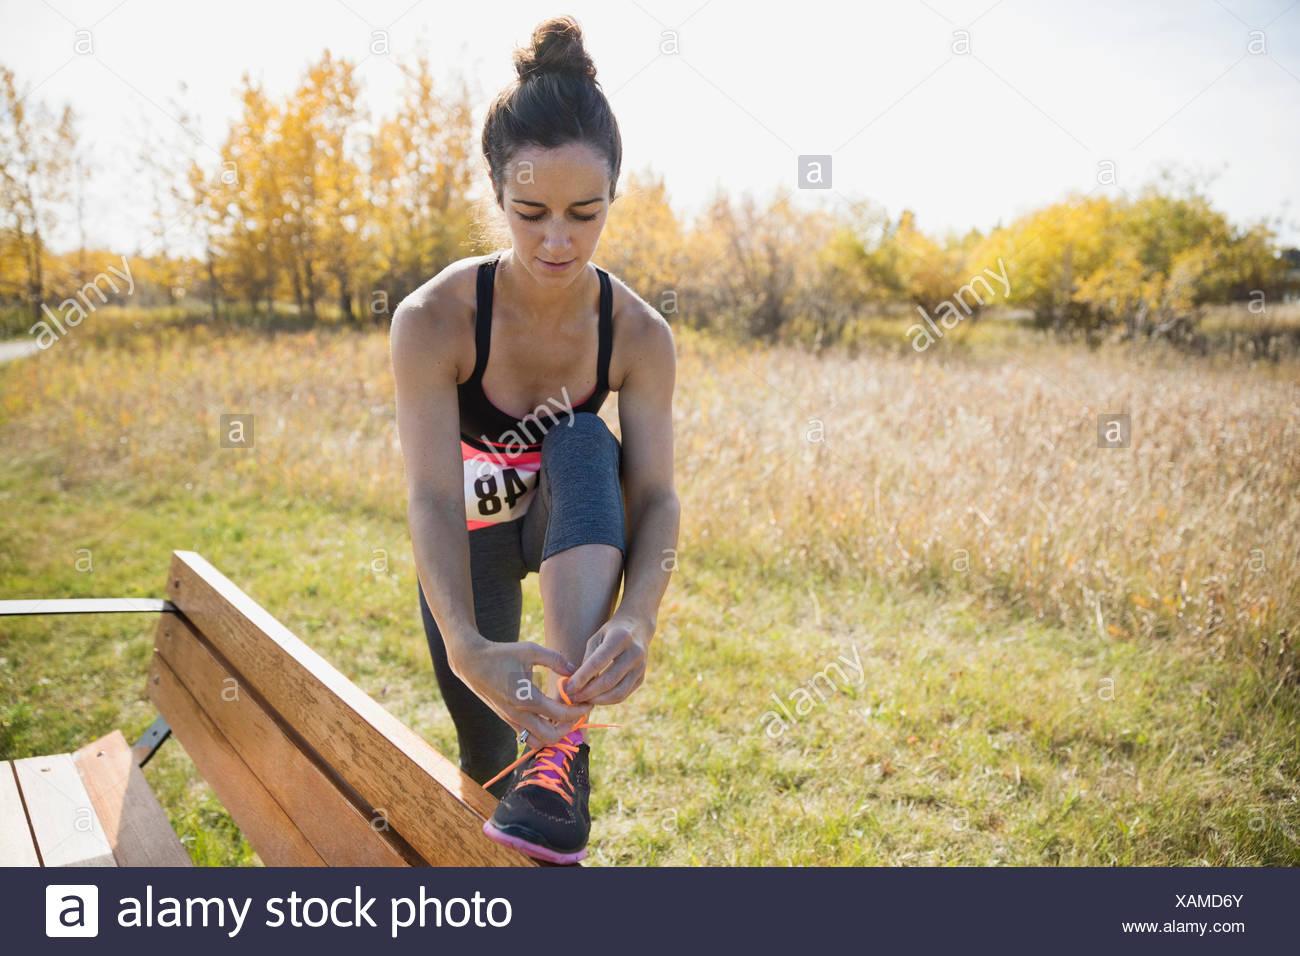 Pareggiatore scarpa di legatura su una panchina nel parco Immagini Stock